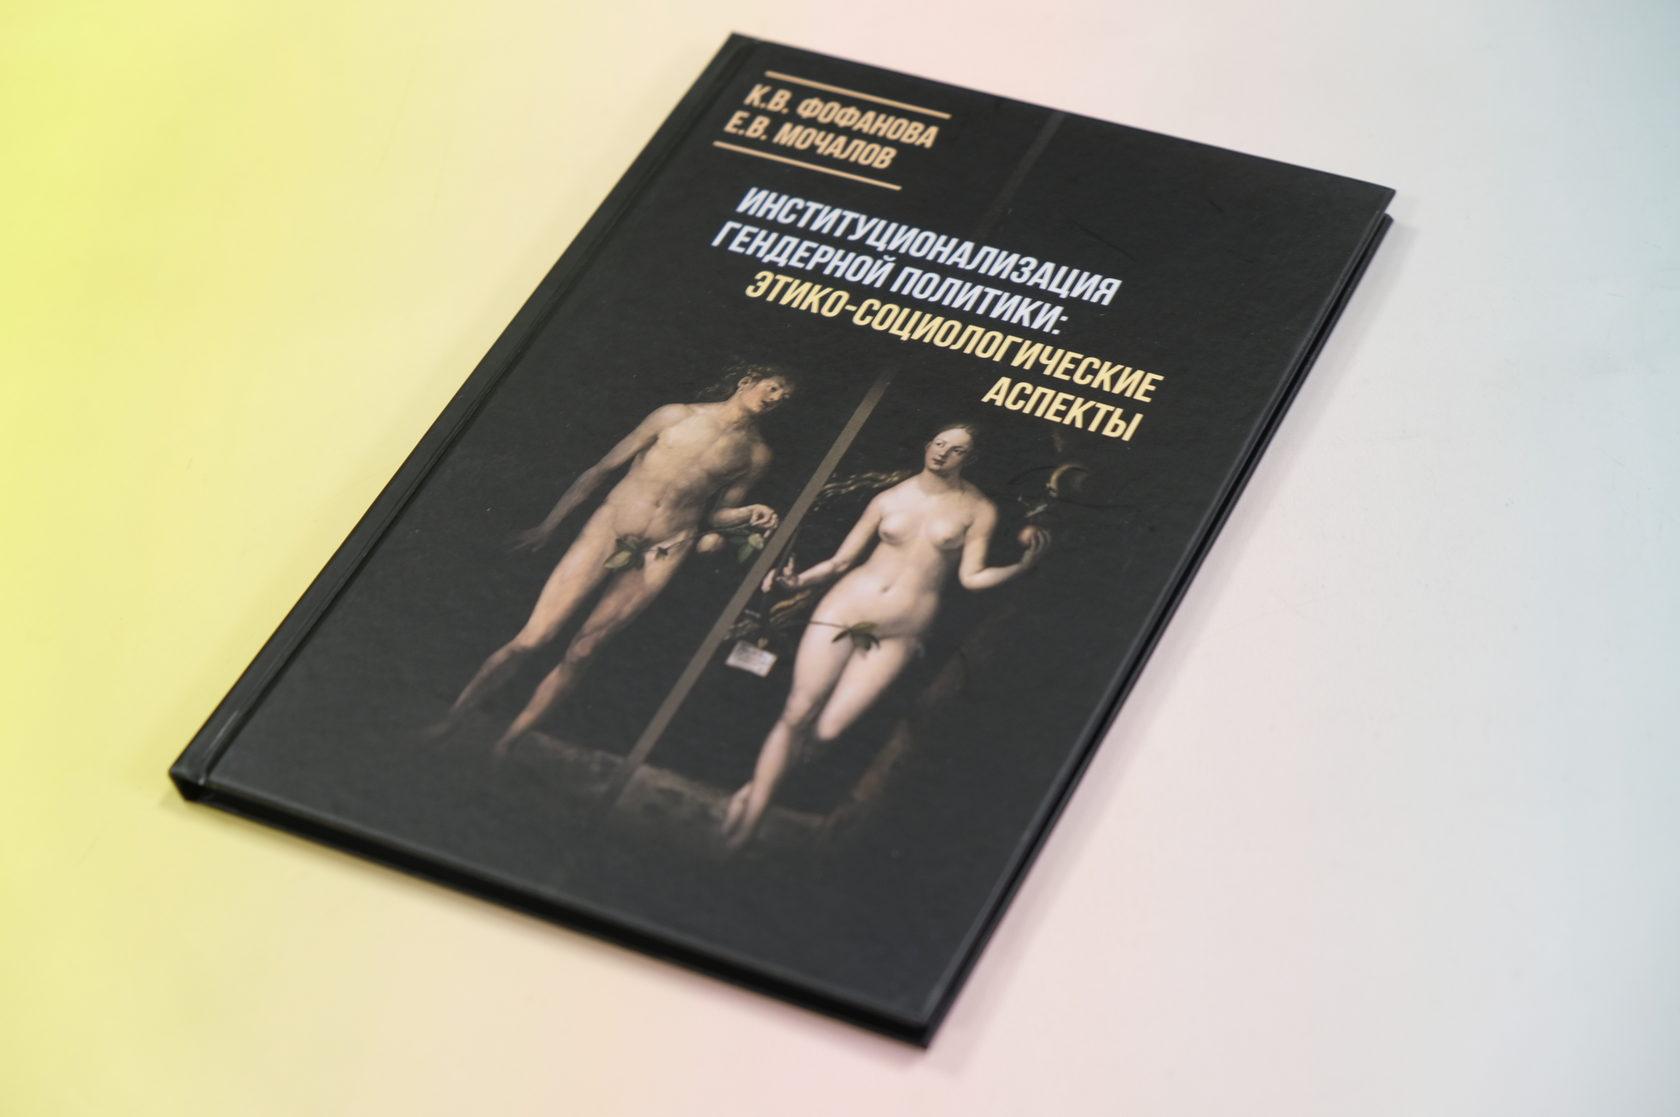 Фофанова К. В. «Институционализация гендерной политики: этико-социологические аспекты» 978-5-7493-1939-2